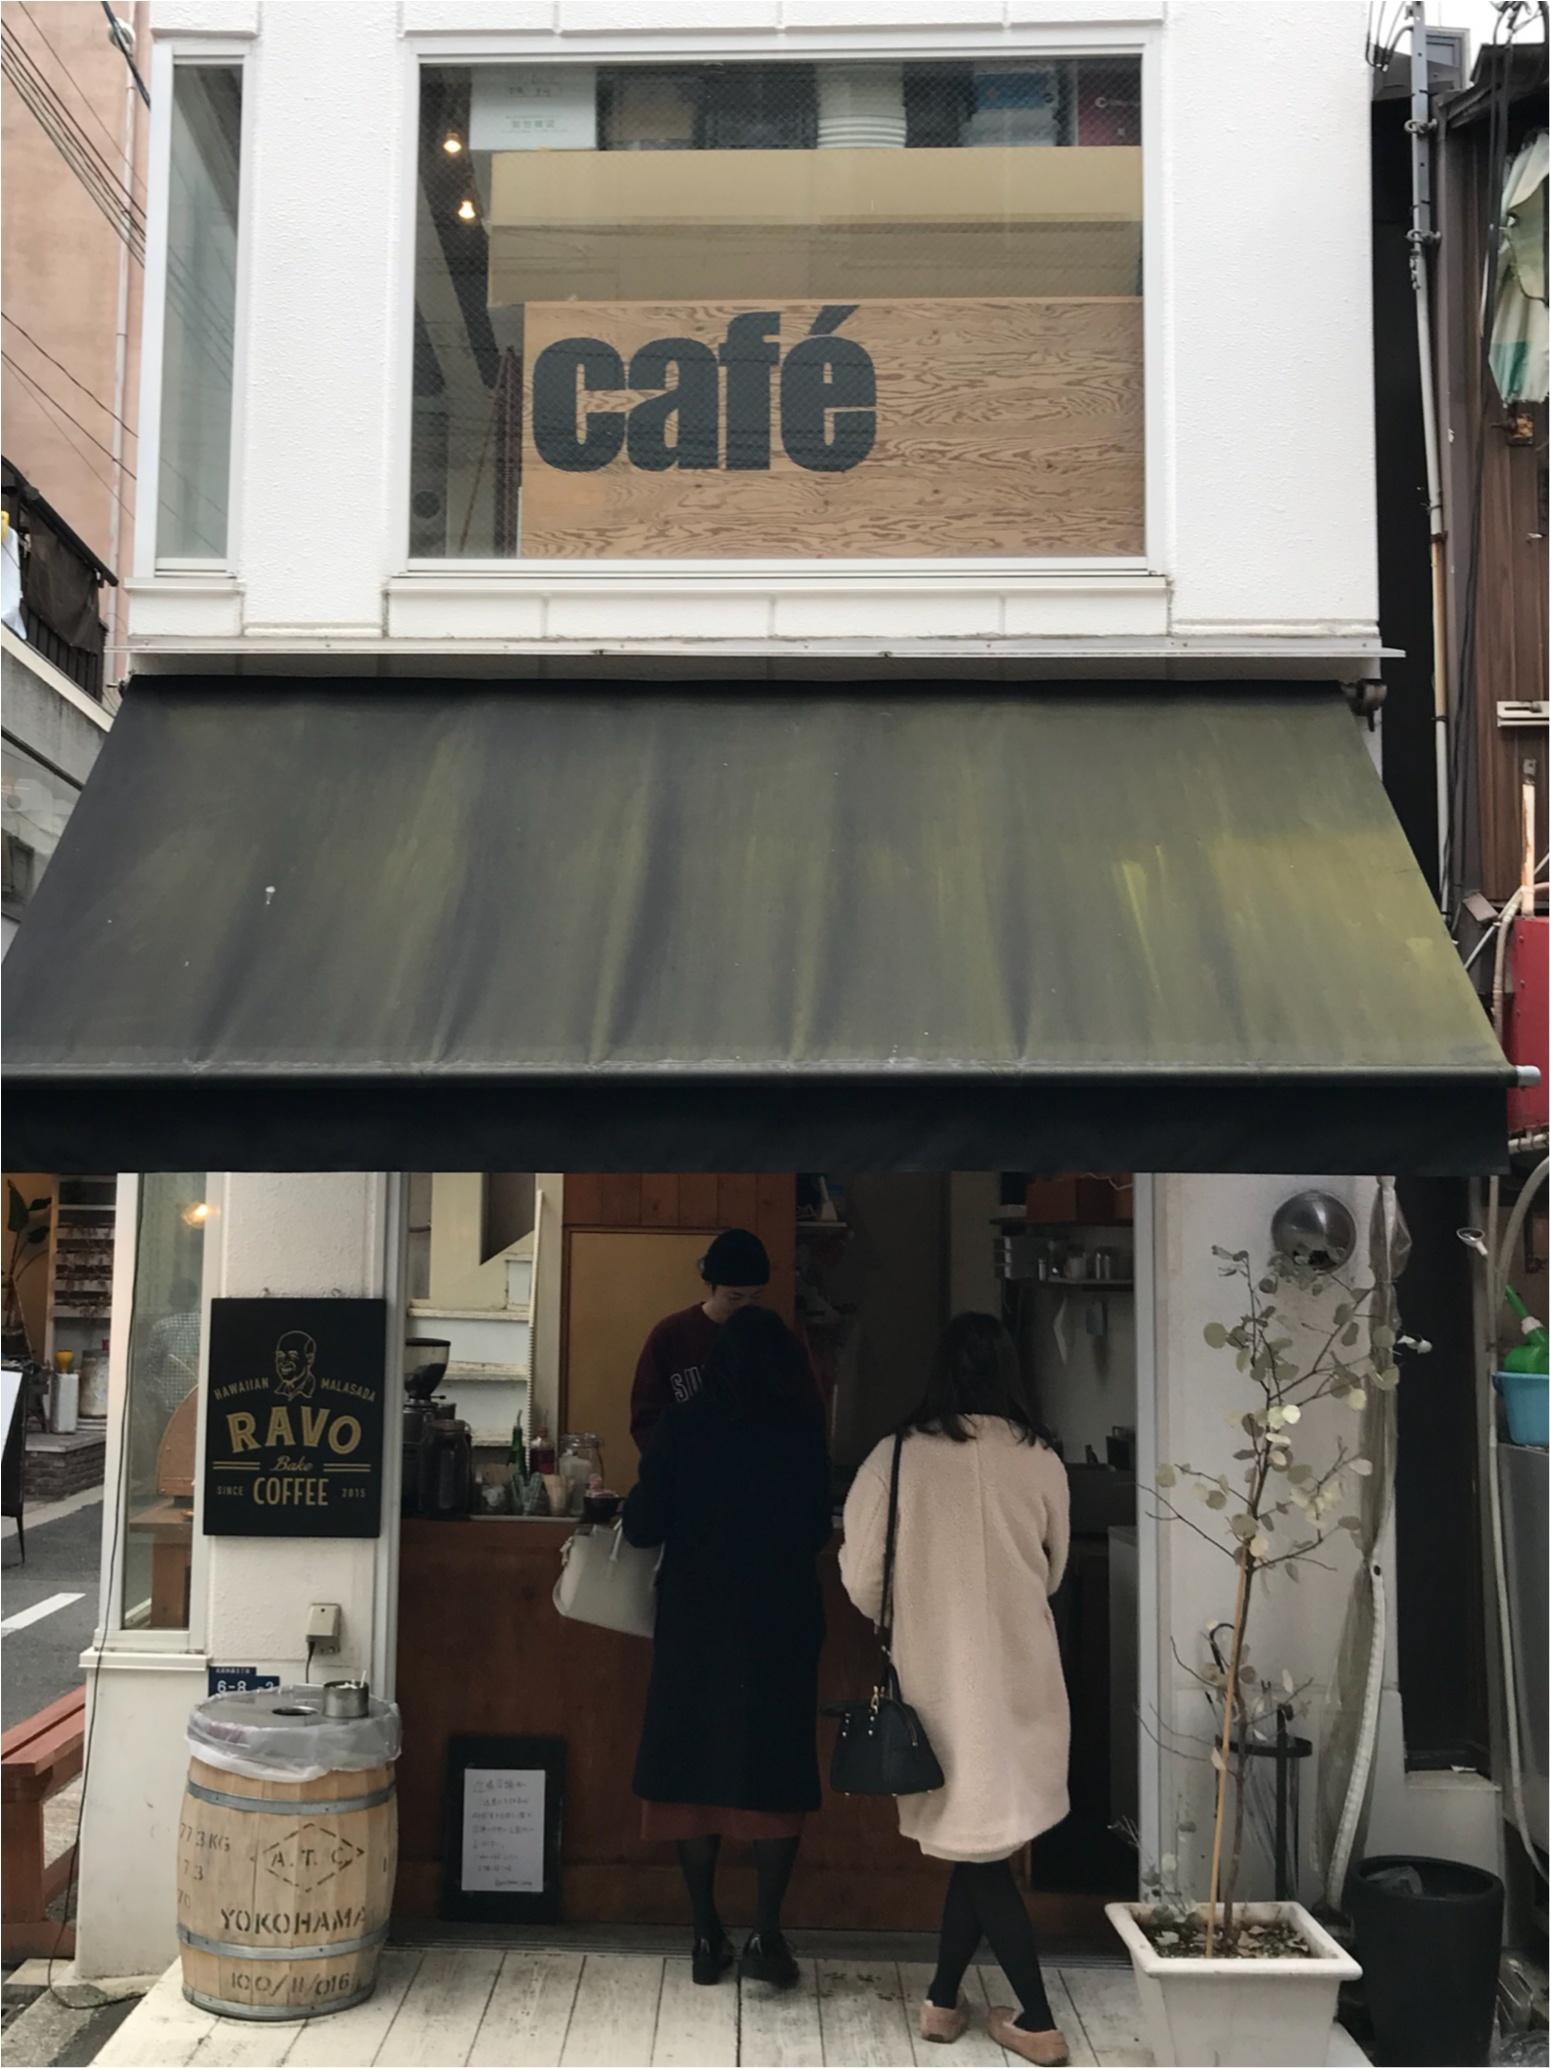 ★お洒落なマラサダに一目惚れ!神戸のお洒落エリアにあるスタンド『RAVO BAKE COFFEE』が素敵★_2